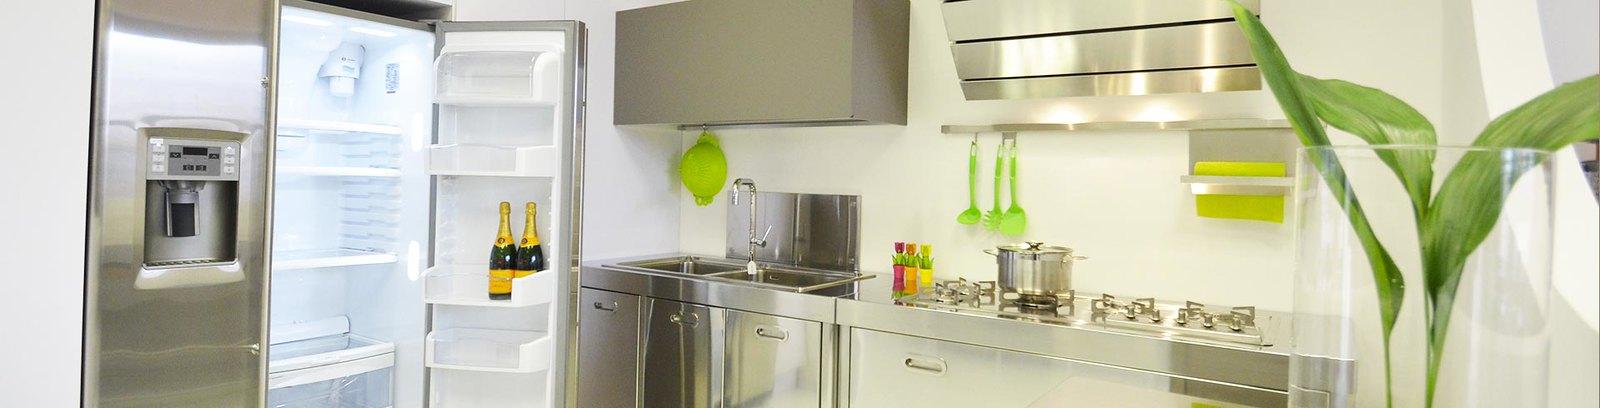 Ricambi accessori cucina categoria ricambi originali e compatibili elettrodomestici foxprice - Ricambi rubinetti cucina ...